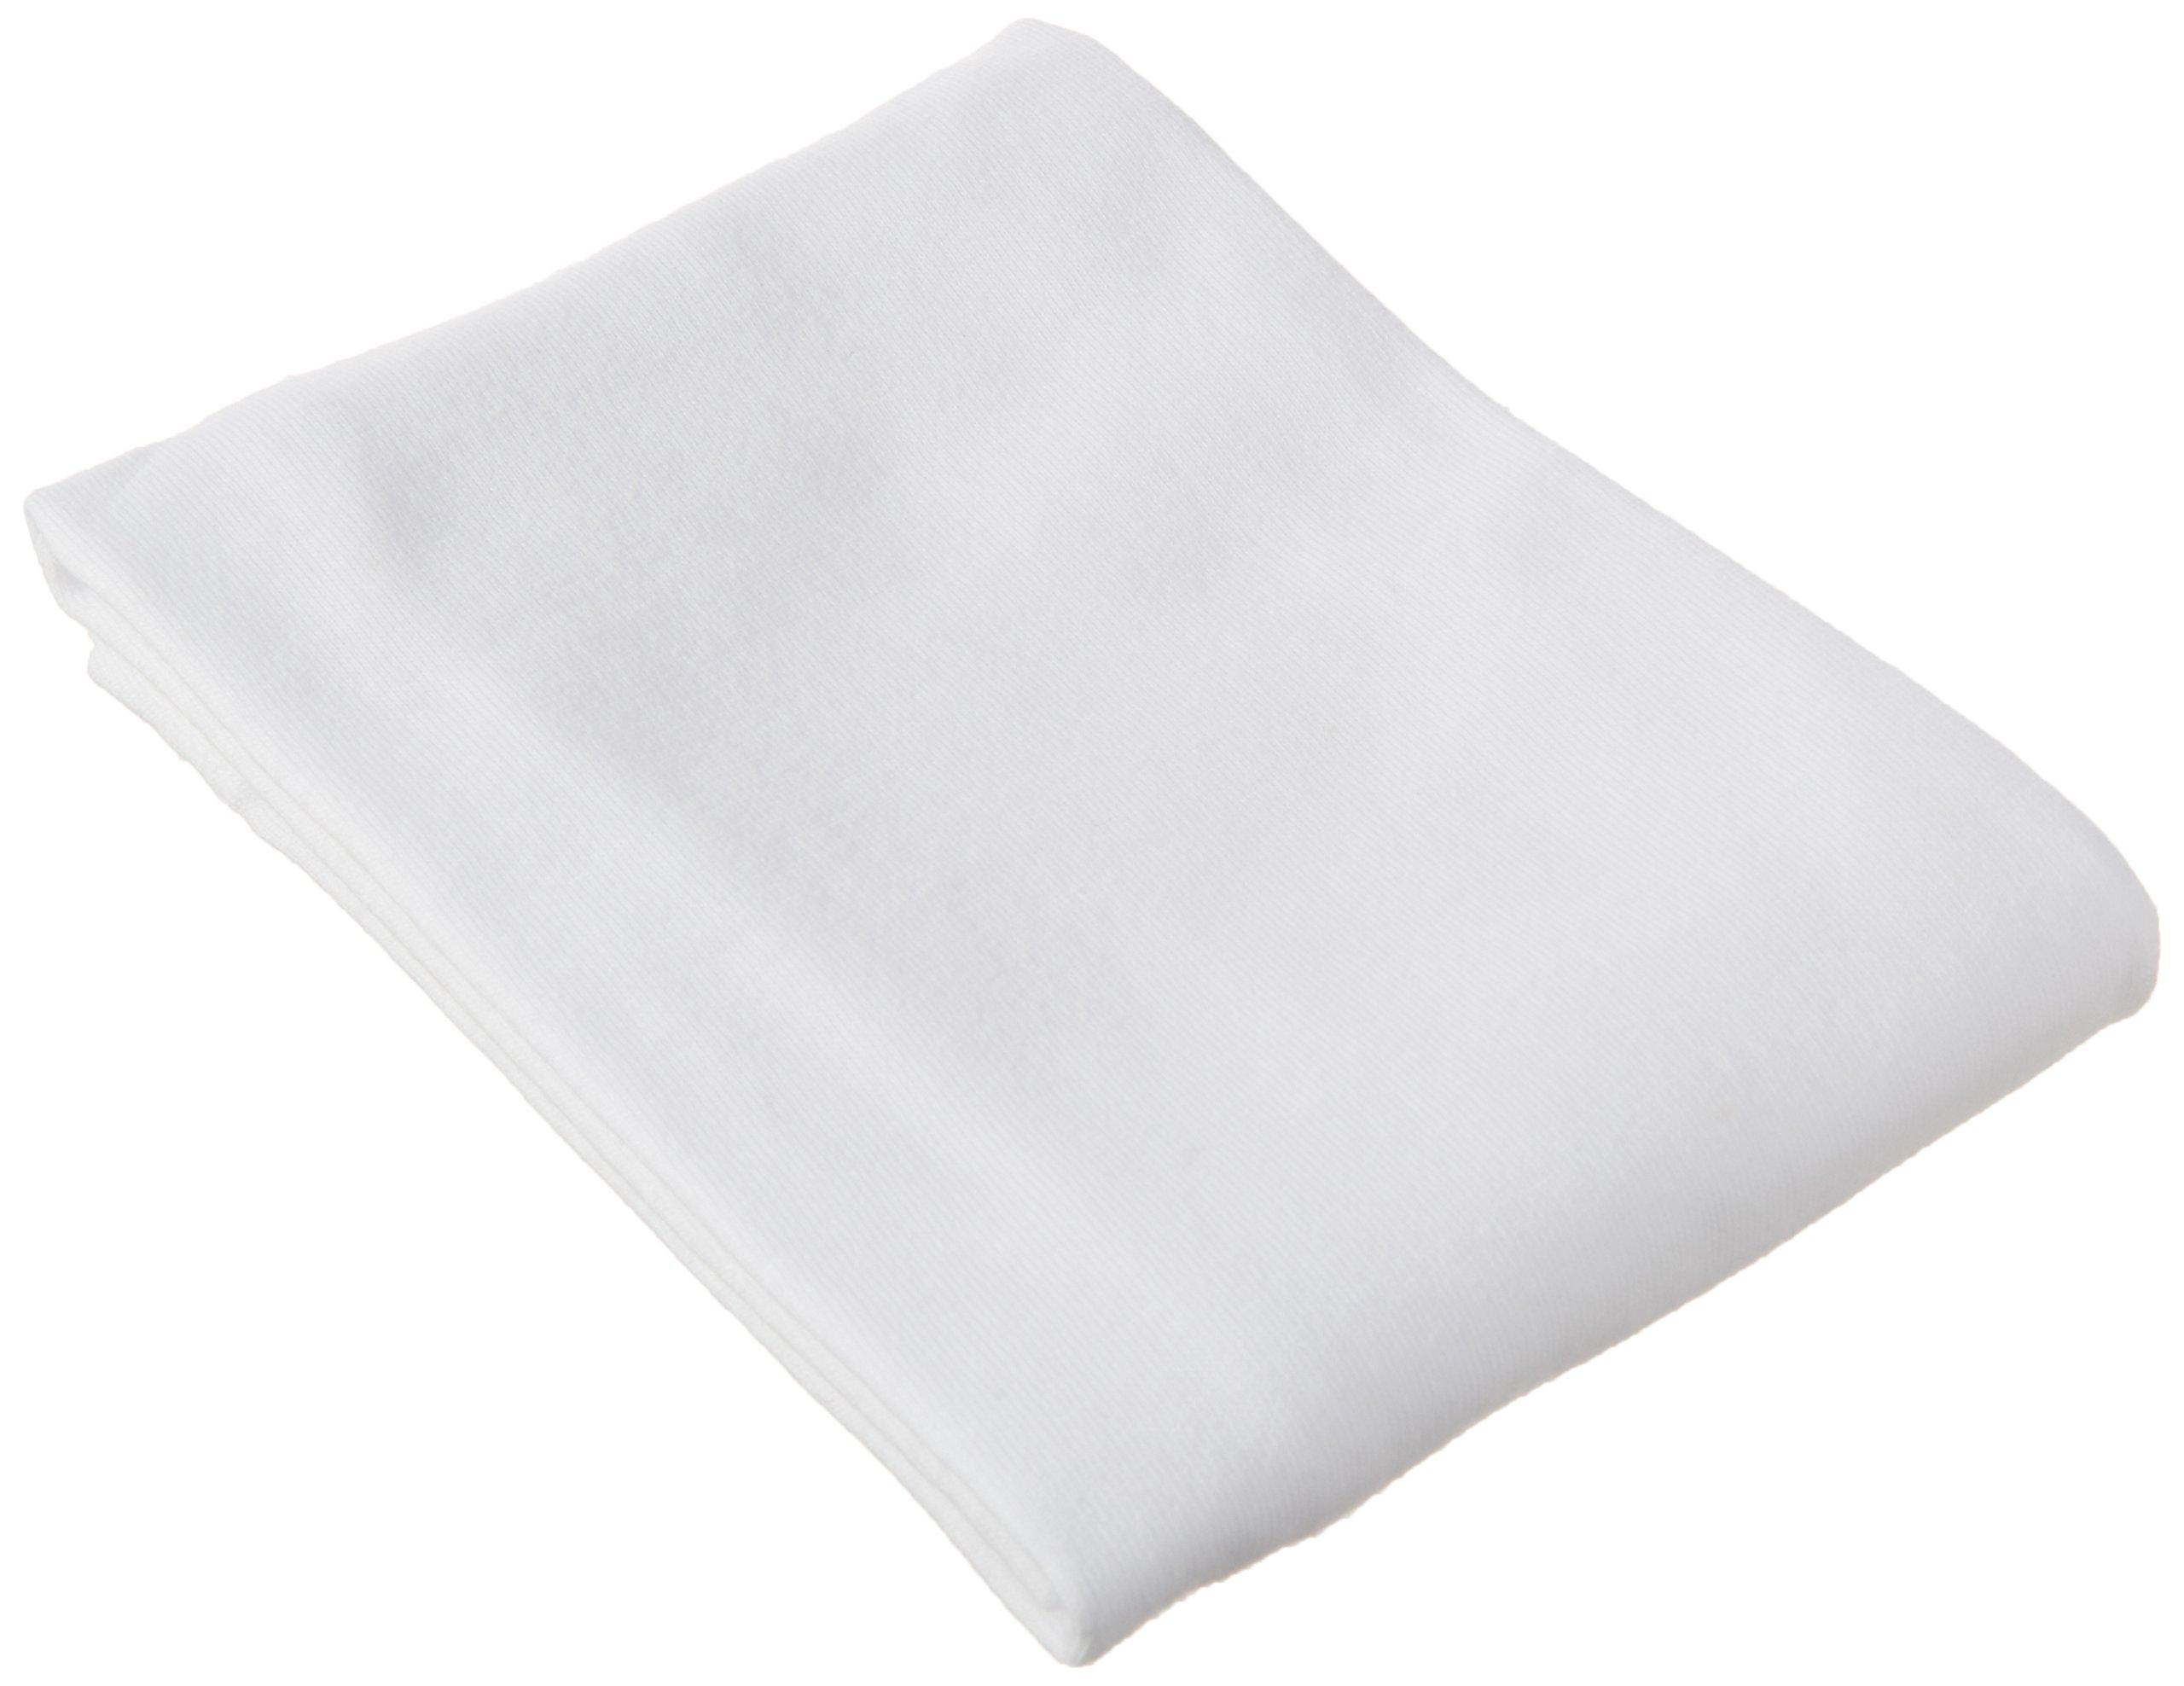 Luvable Friends Infant Pillow Case, White